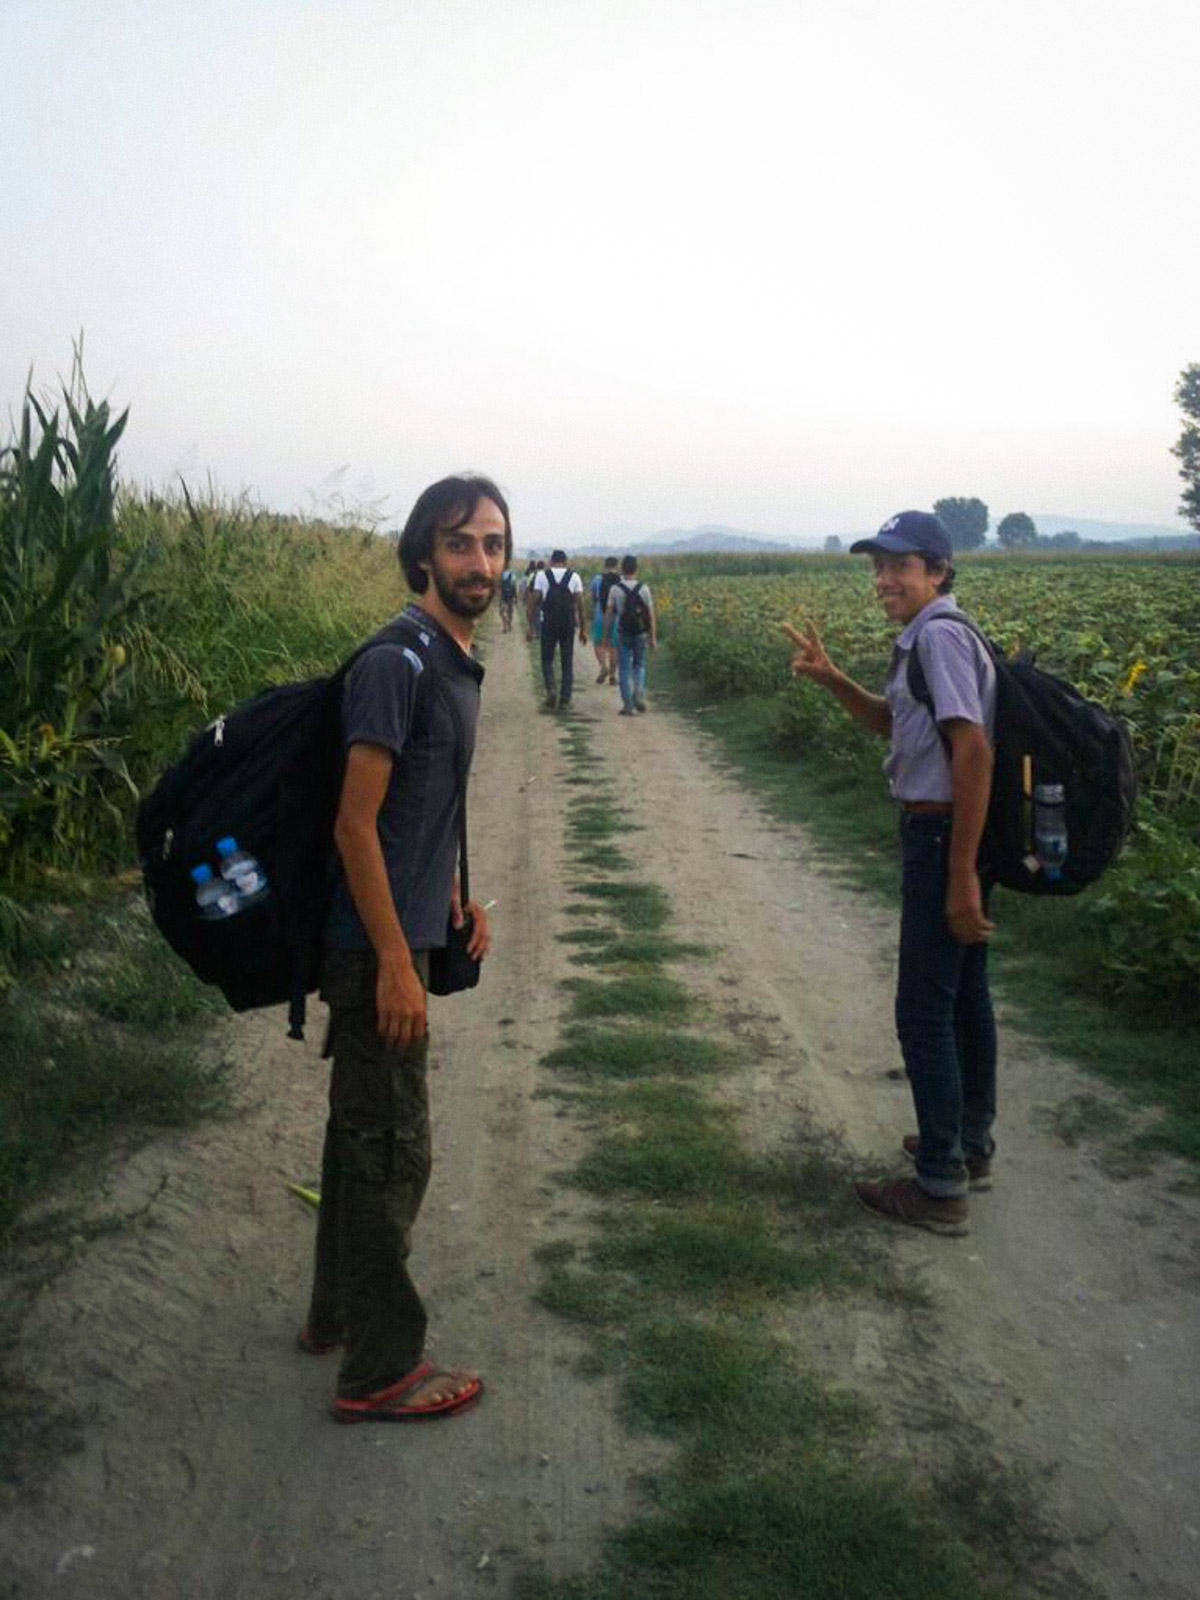 シリア人シェフのジャミーさんは、スイスに着くまでにマケドニアを含む数カ国を歩いて渡った